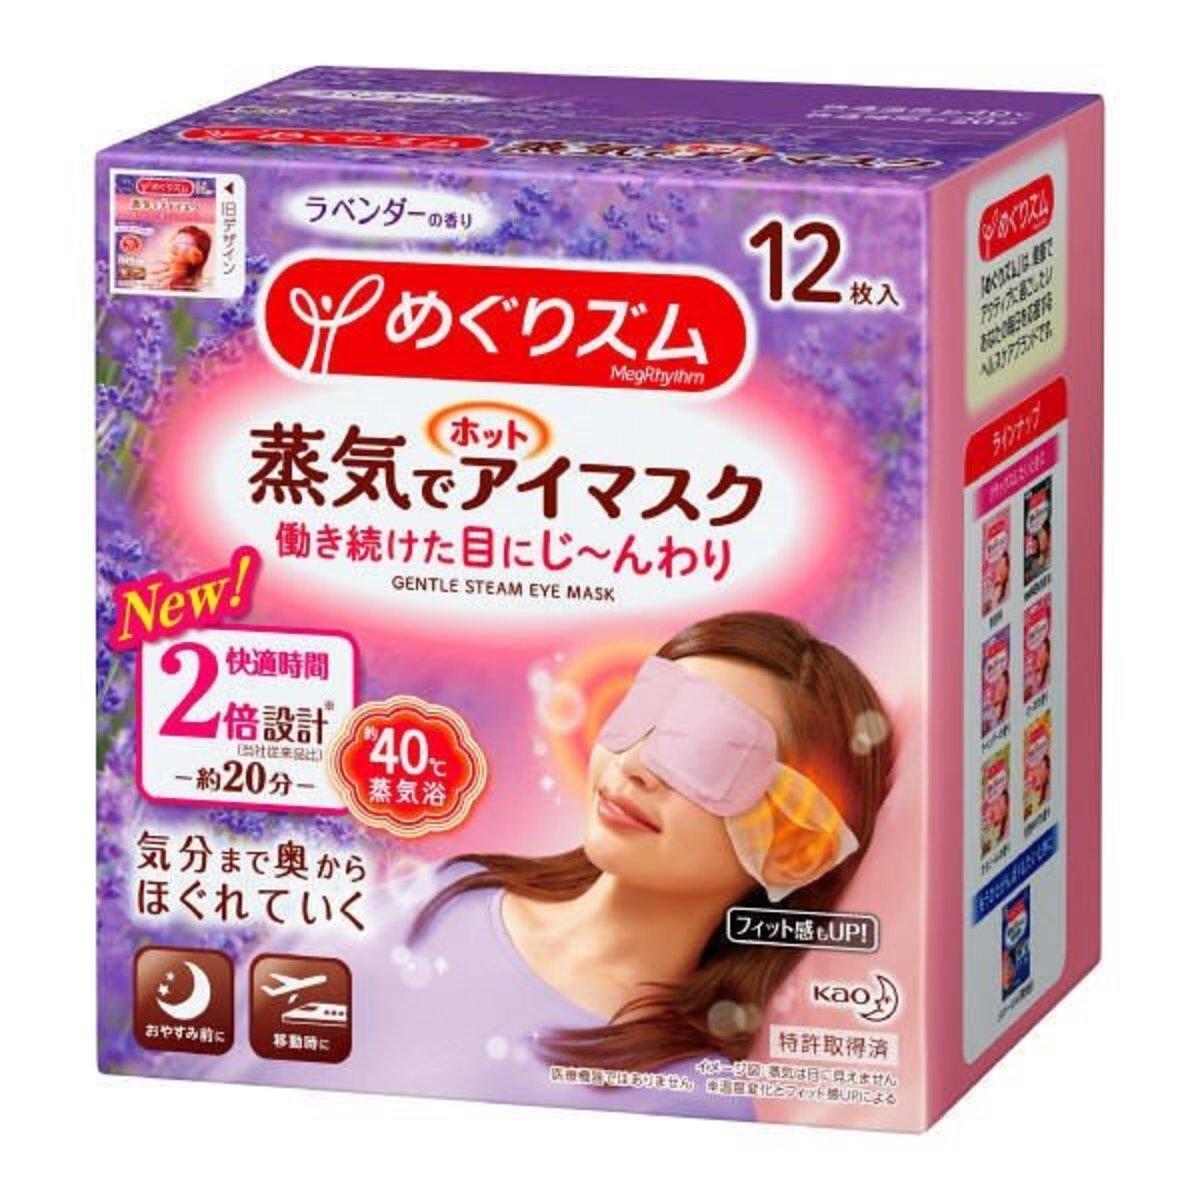 蒸氣感溫熱眼罩 (薰衣草) 12片裝 (新版)